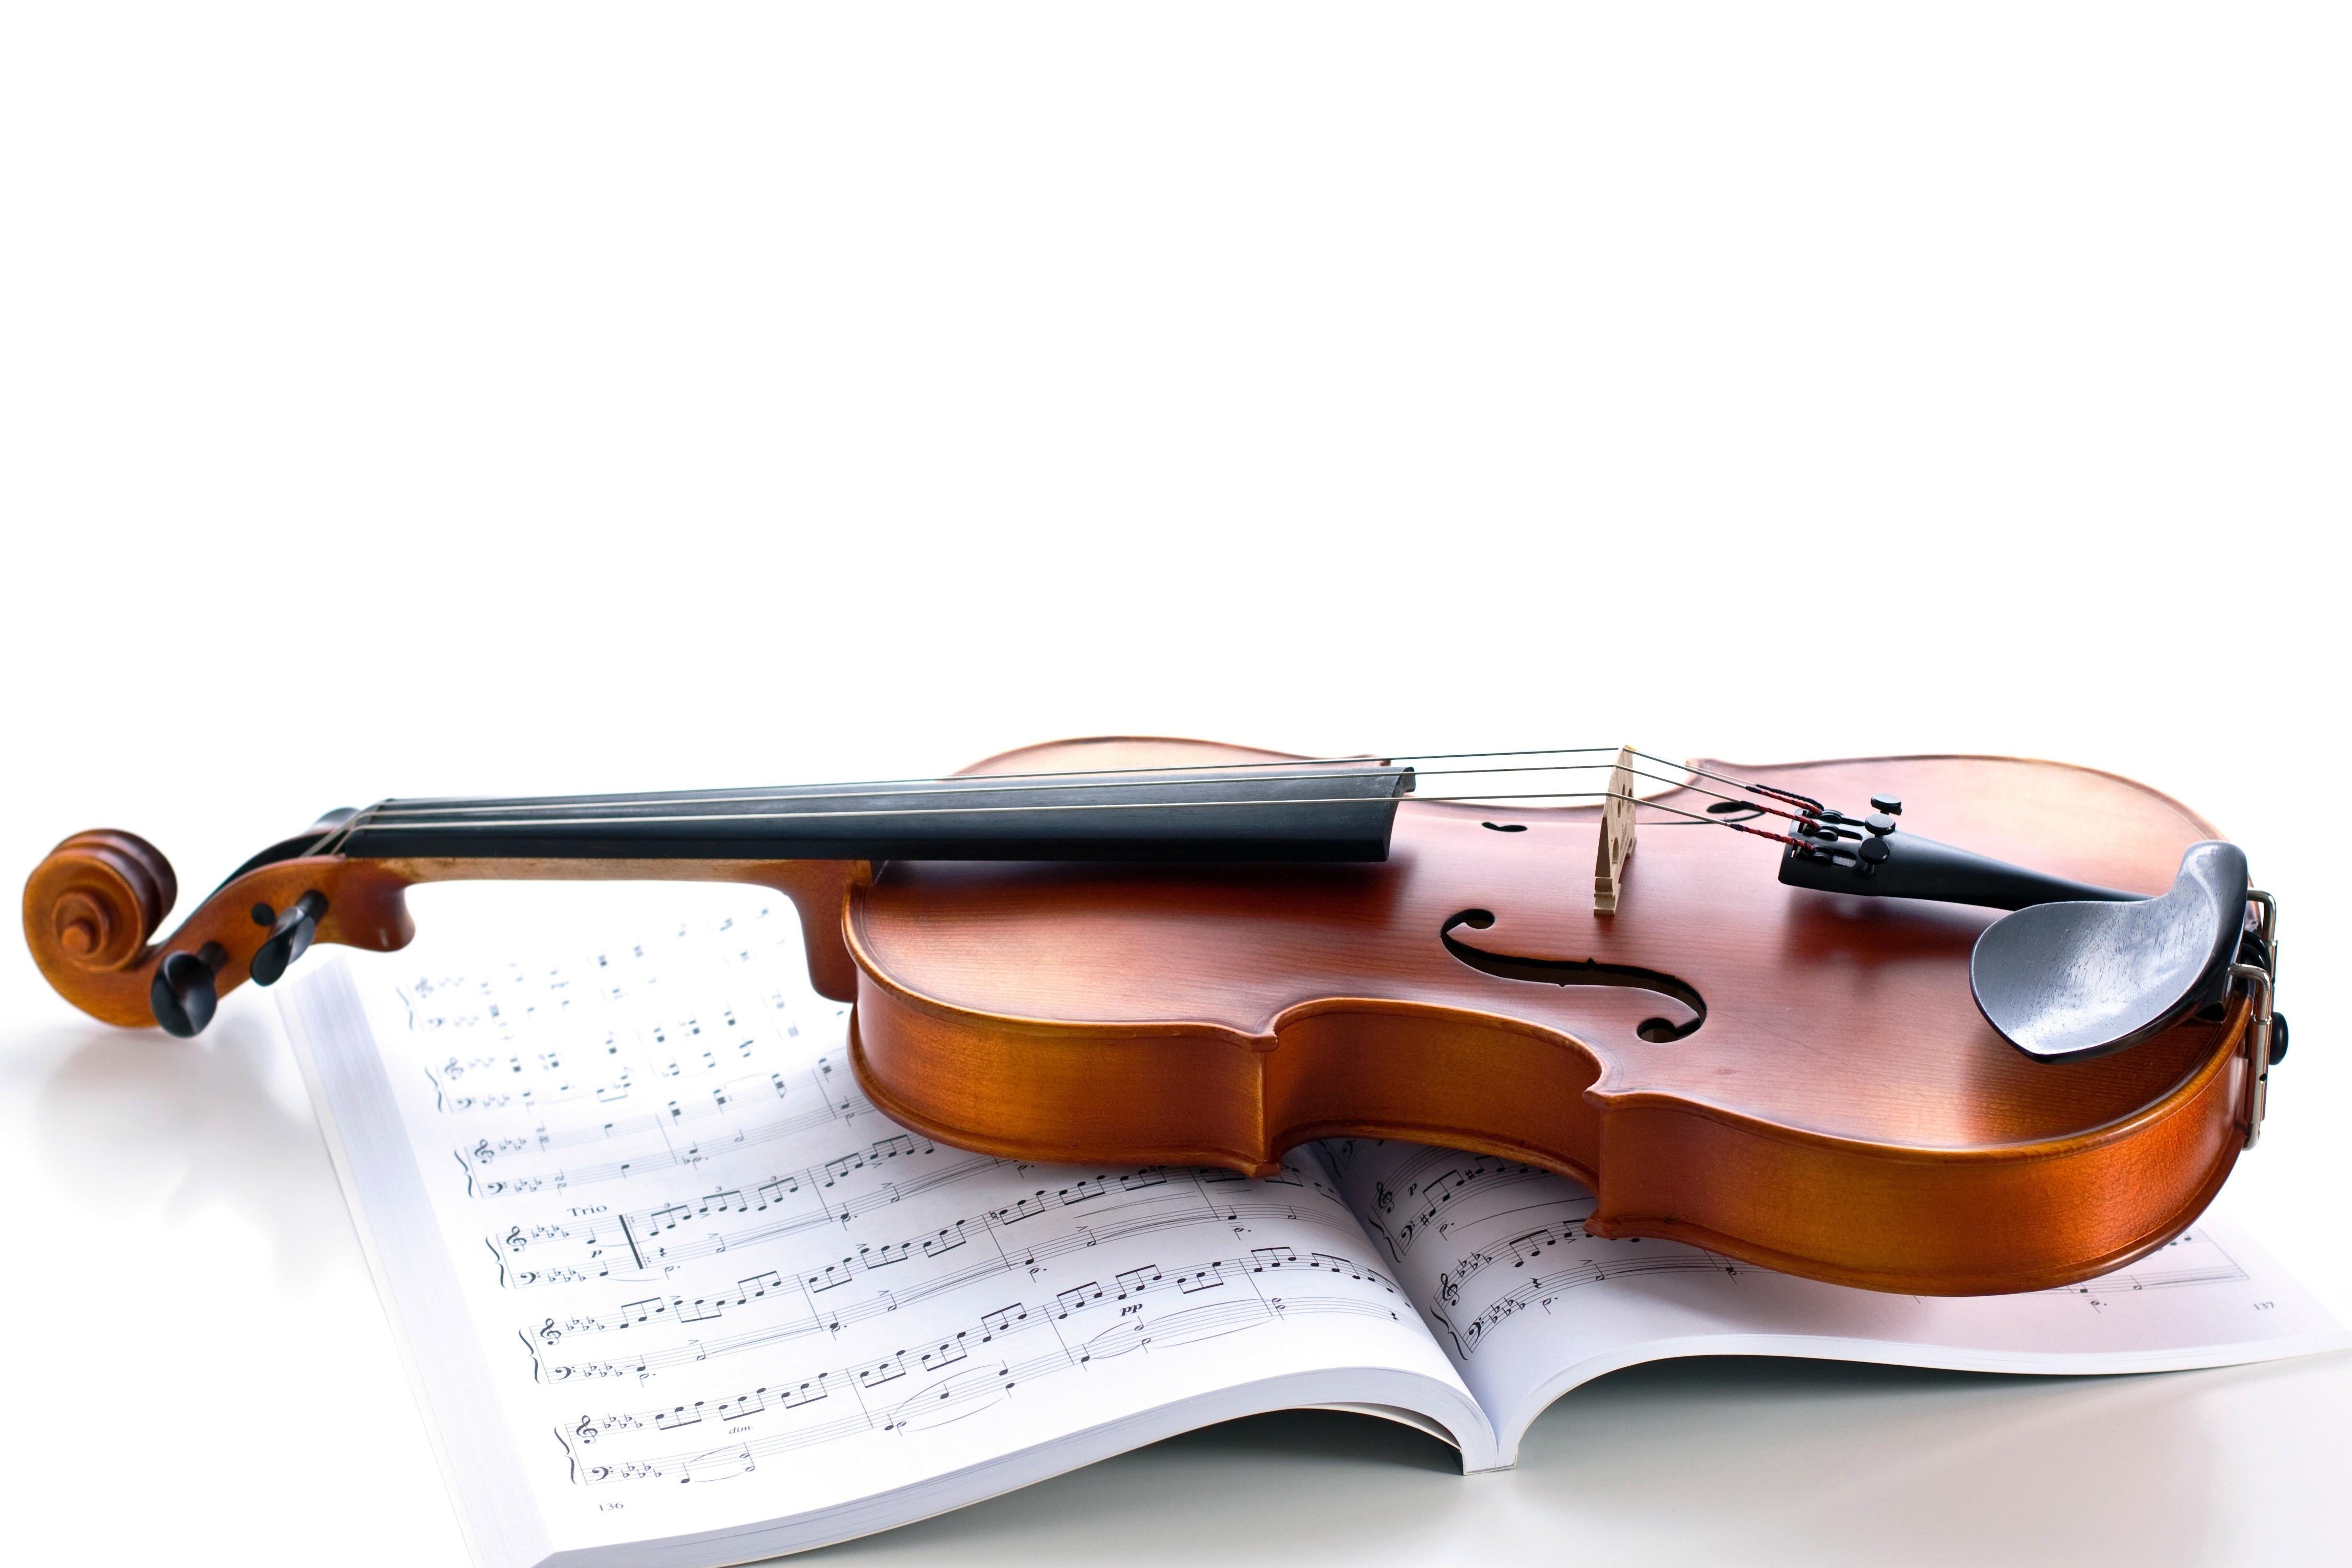 раздел фото скрипки с нотами нас